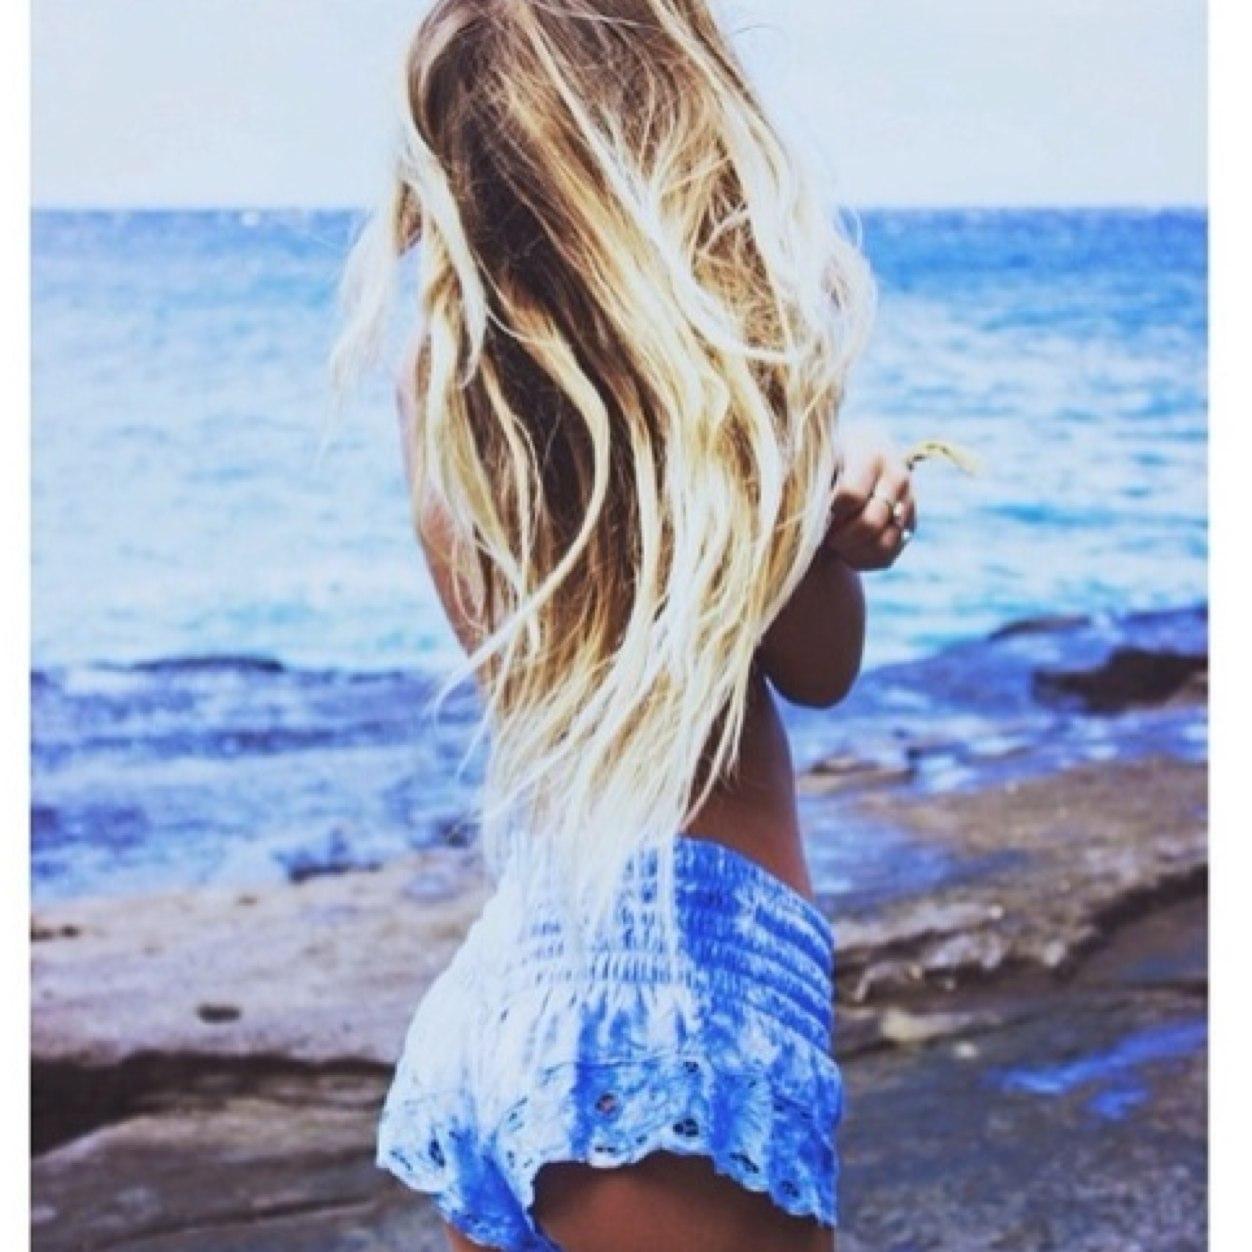 Фото девушек без лица на море на аву со спины